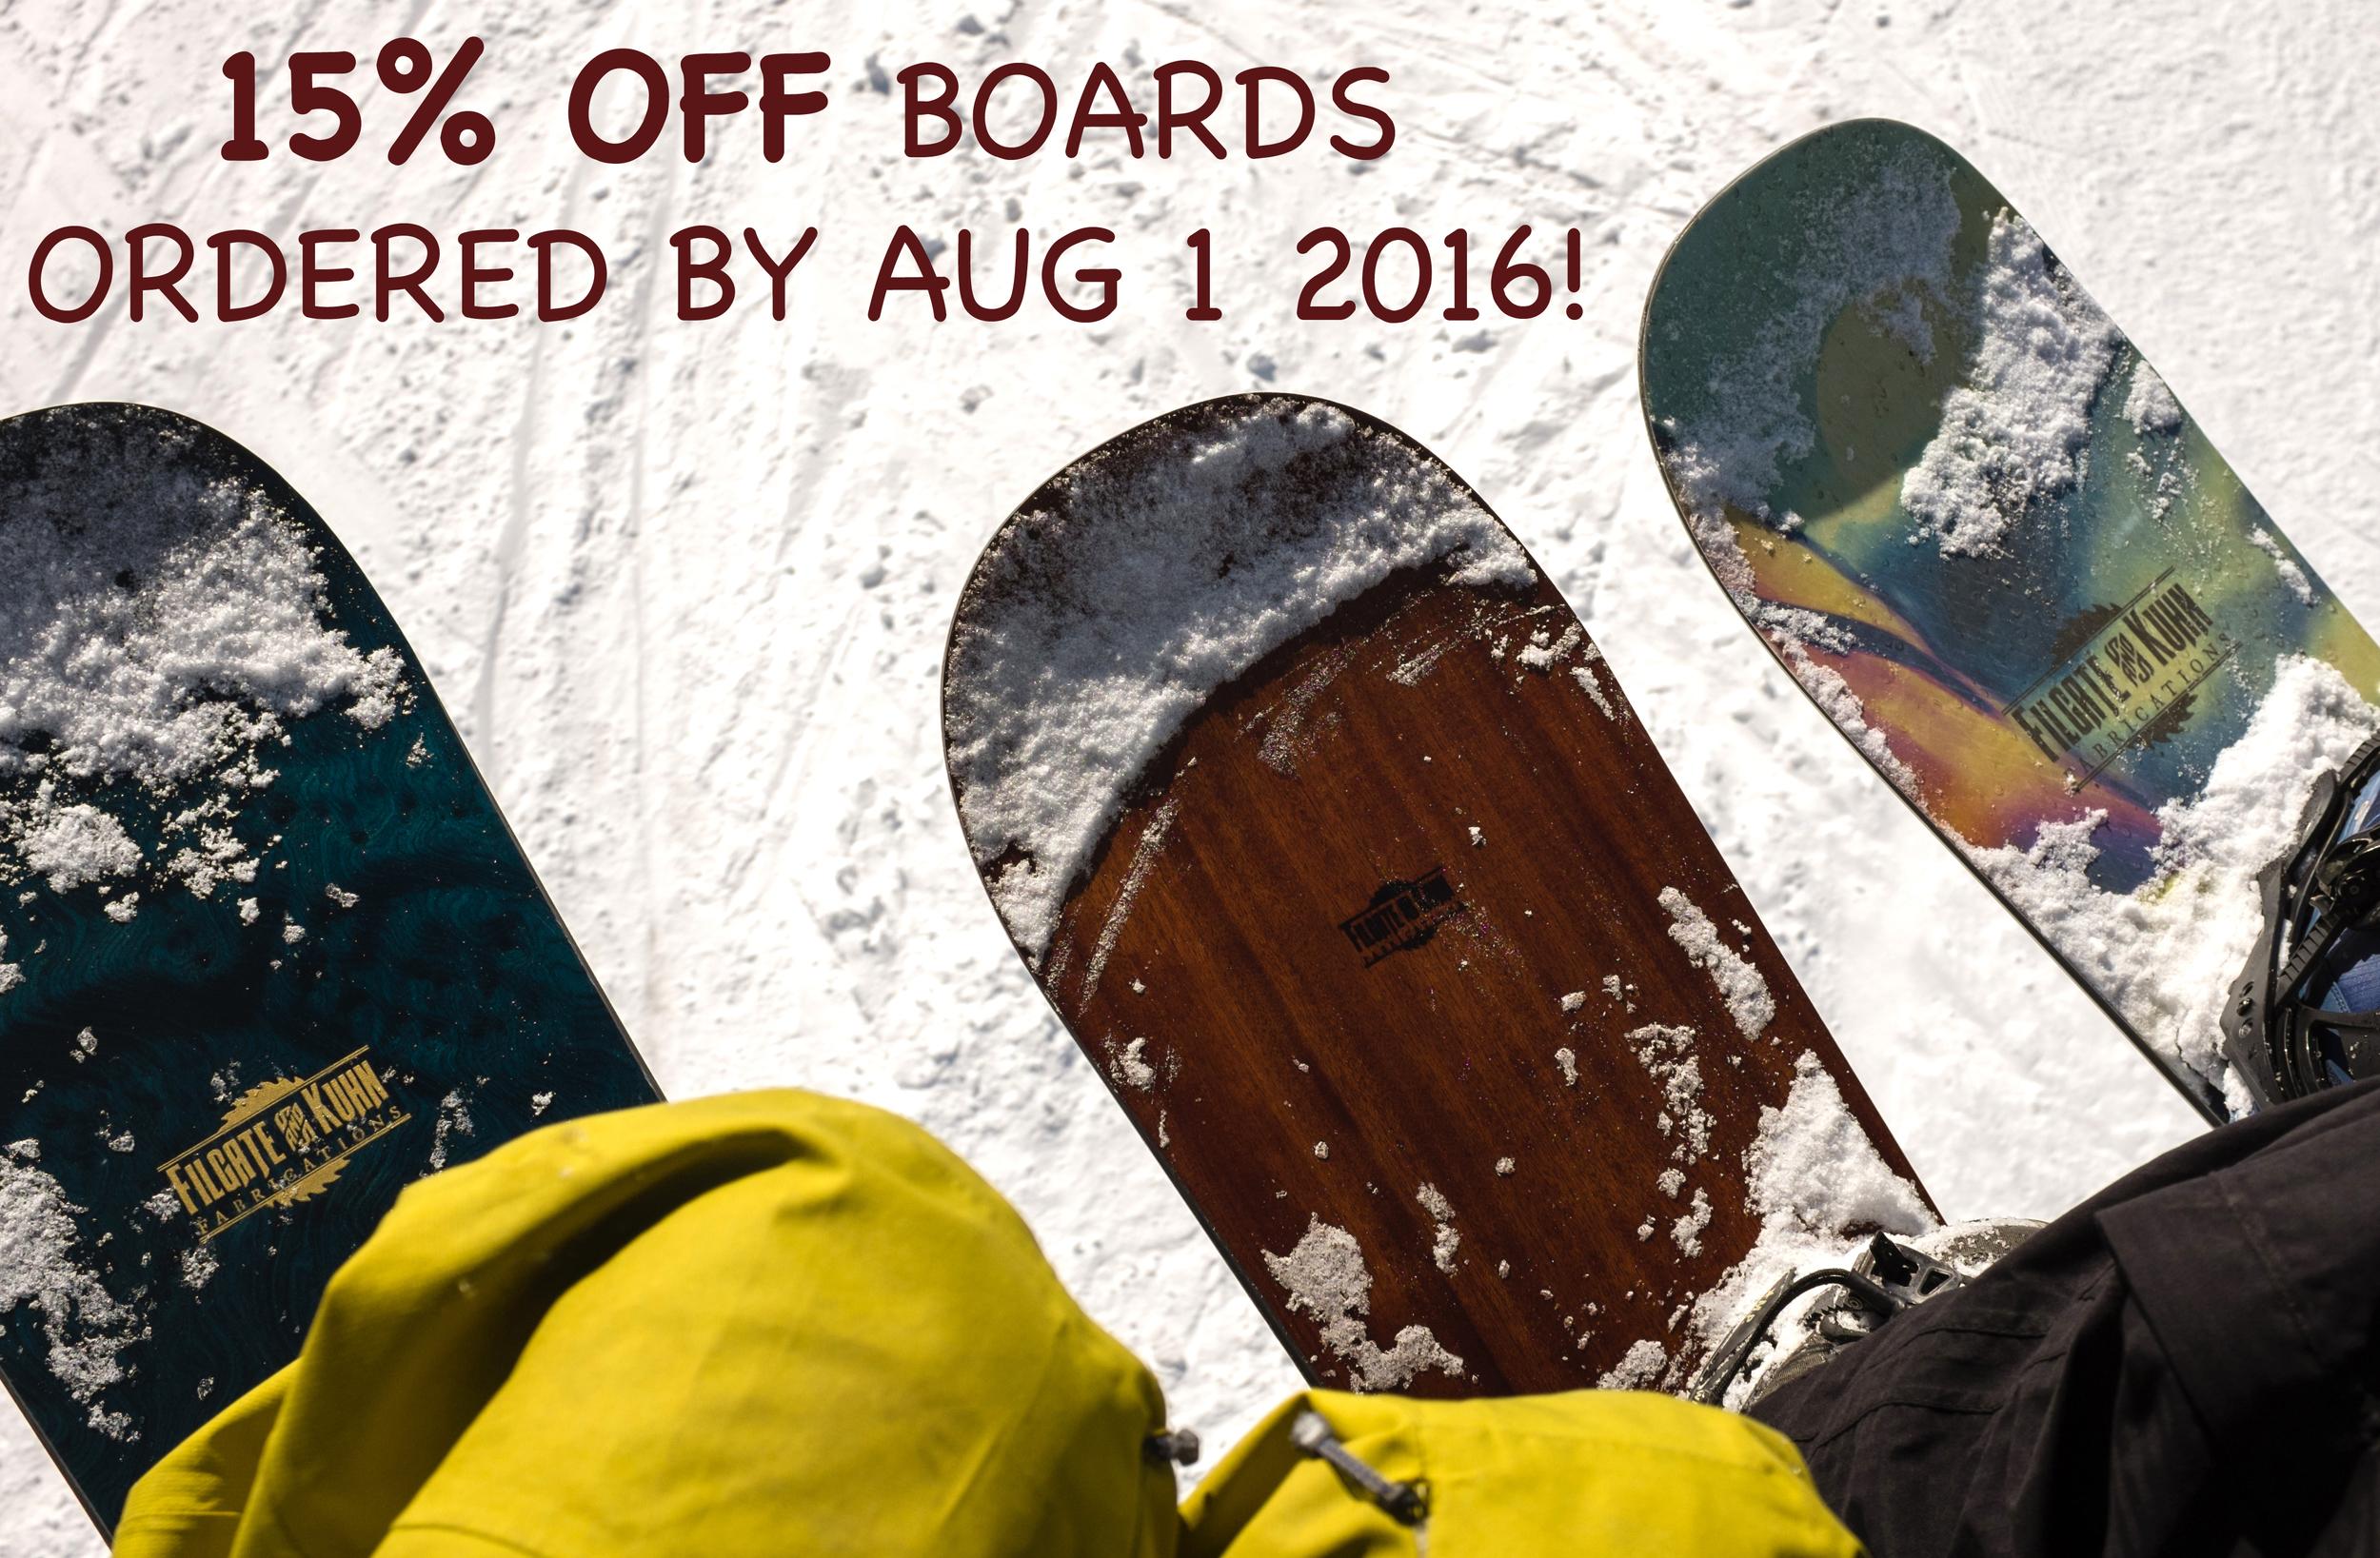 15 sale image lift boards.jpg